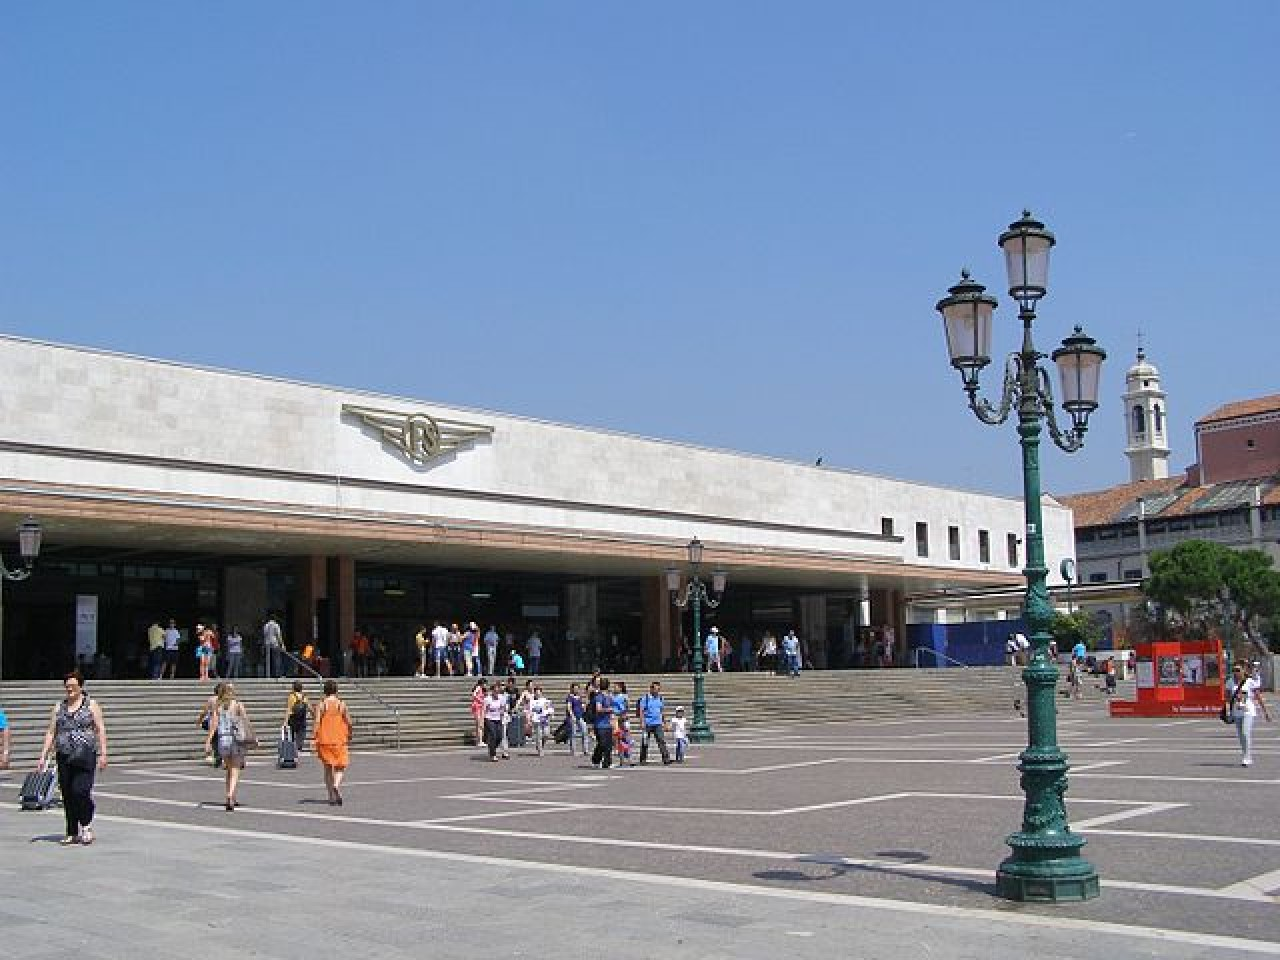 Venice Station